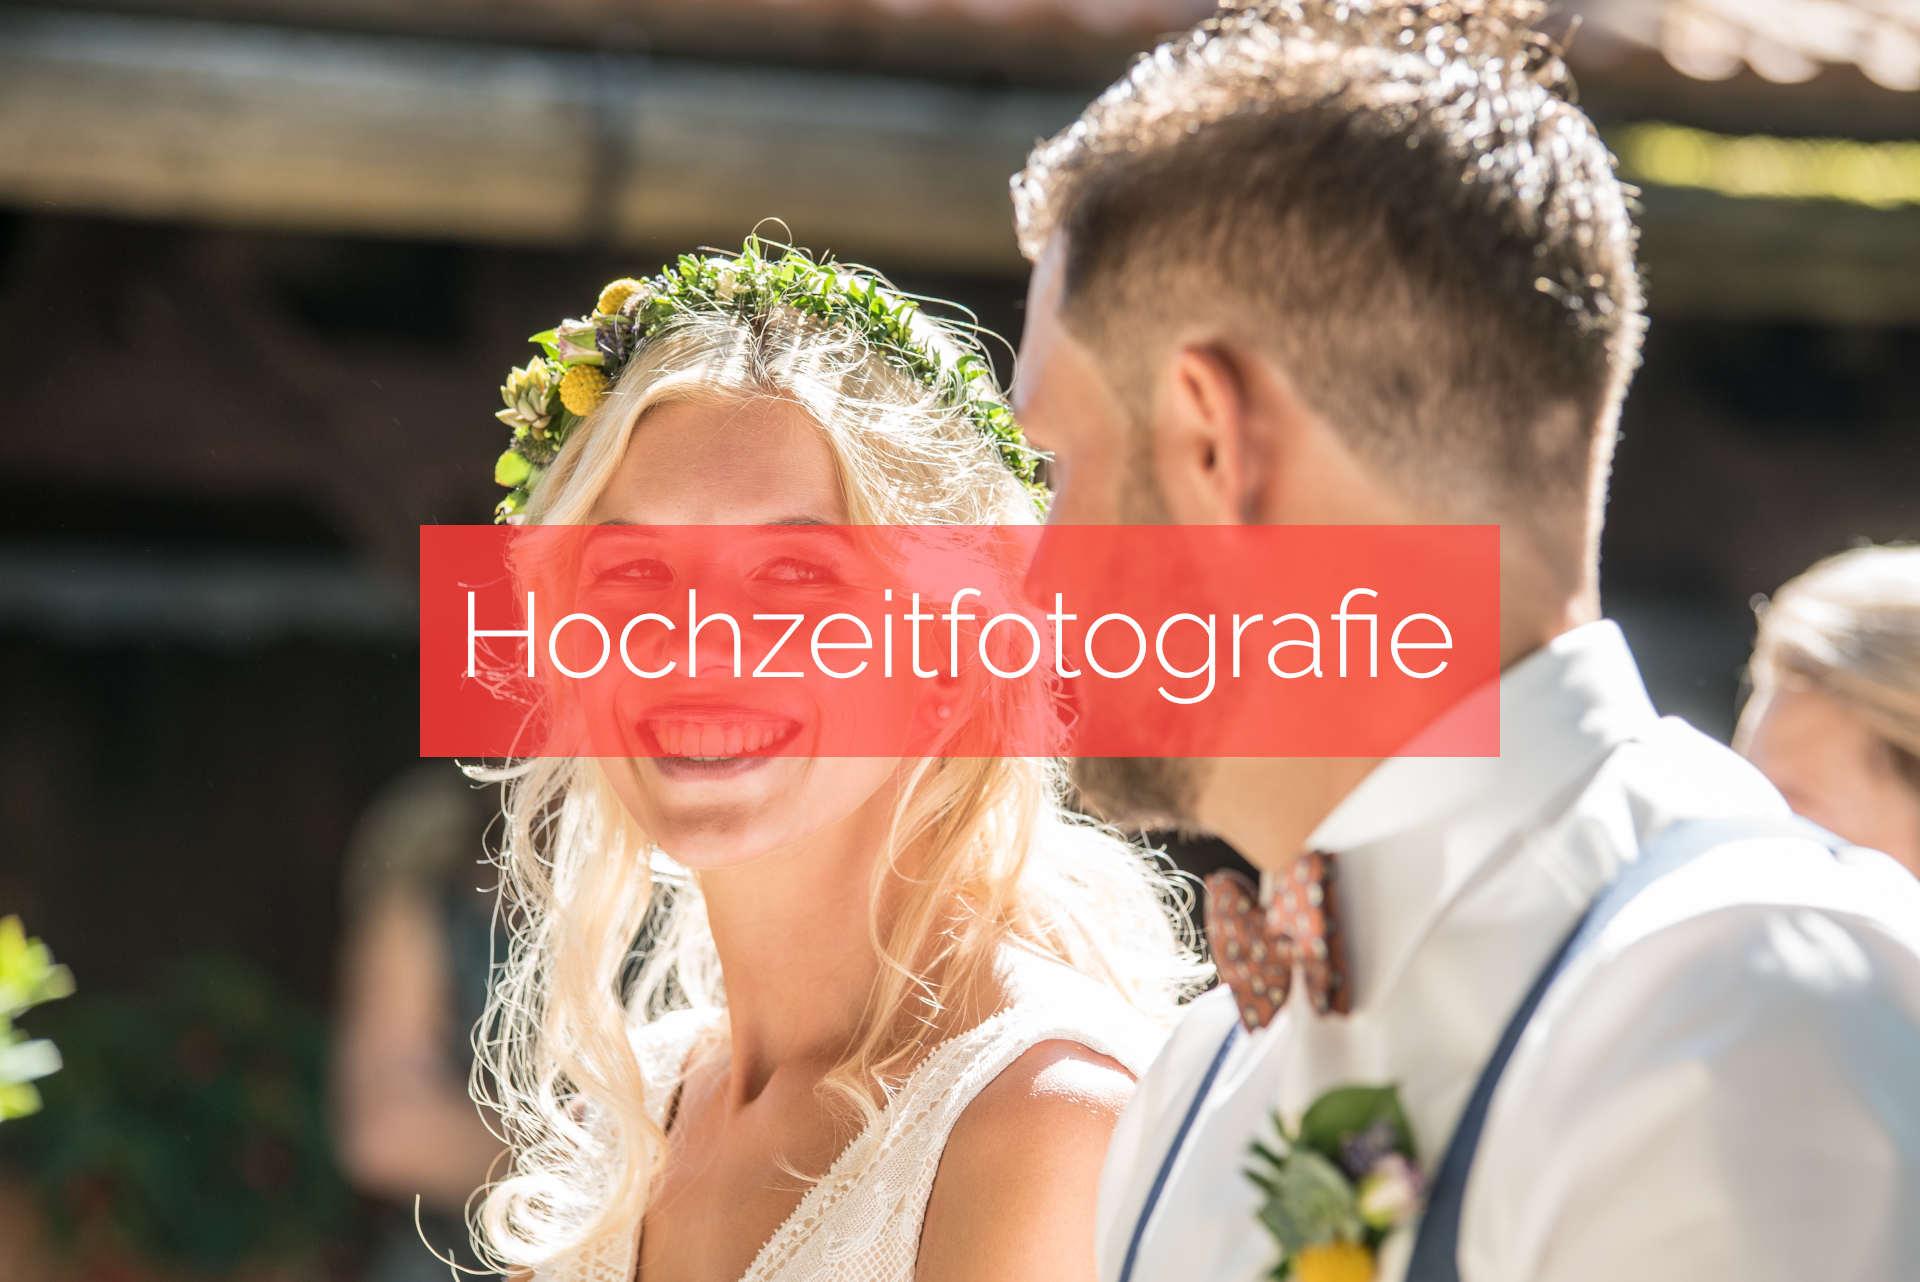 Hochzeitsfotografie-rote-Fläche